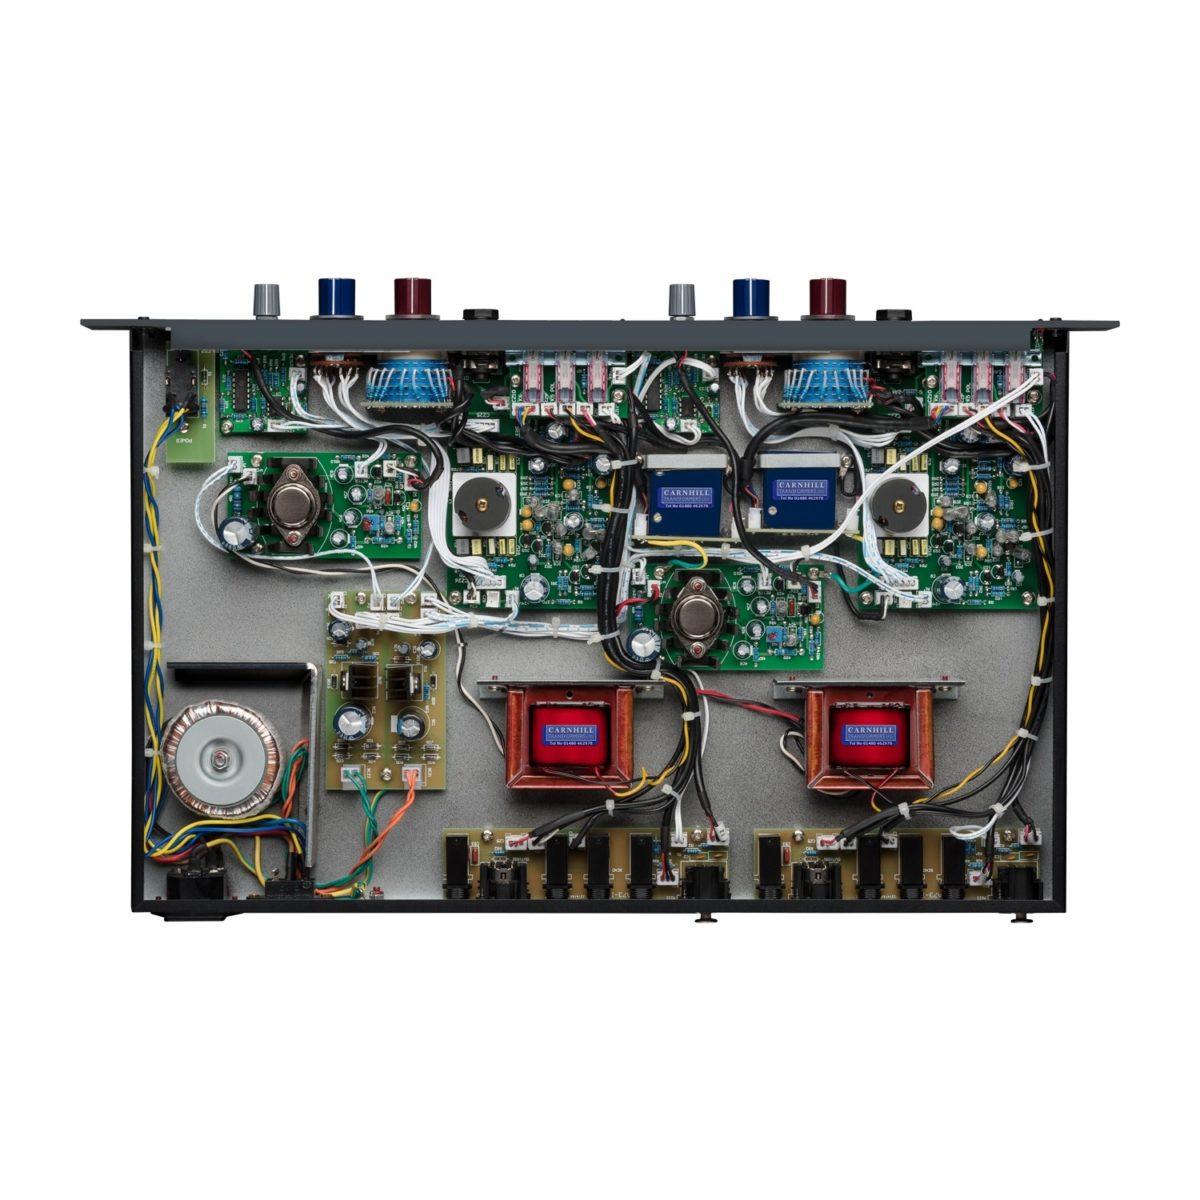 ปรีไมค์สำหรับบันทึกเสียง ยี่ห้อ Warm Audio รุ่น WA273